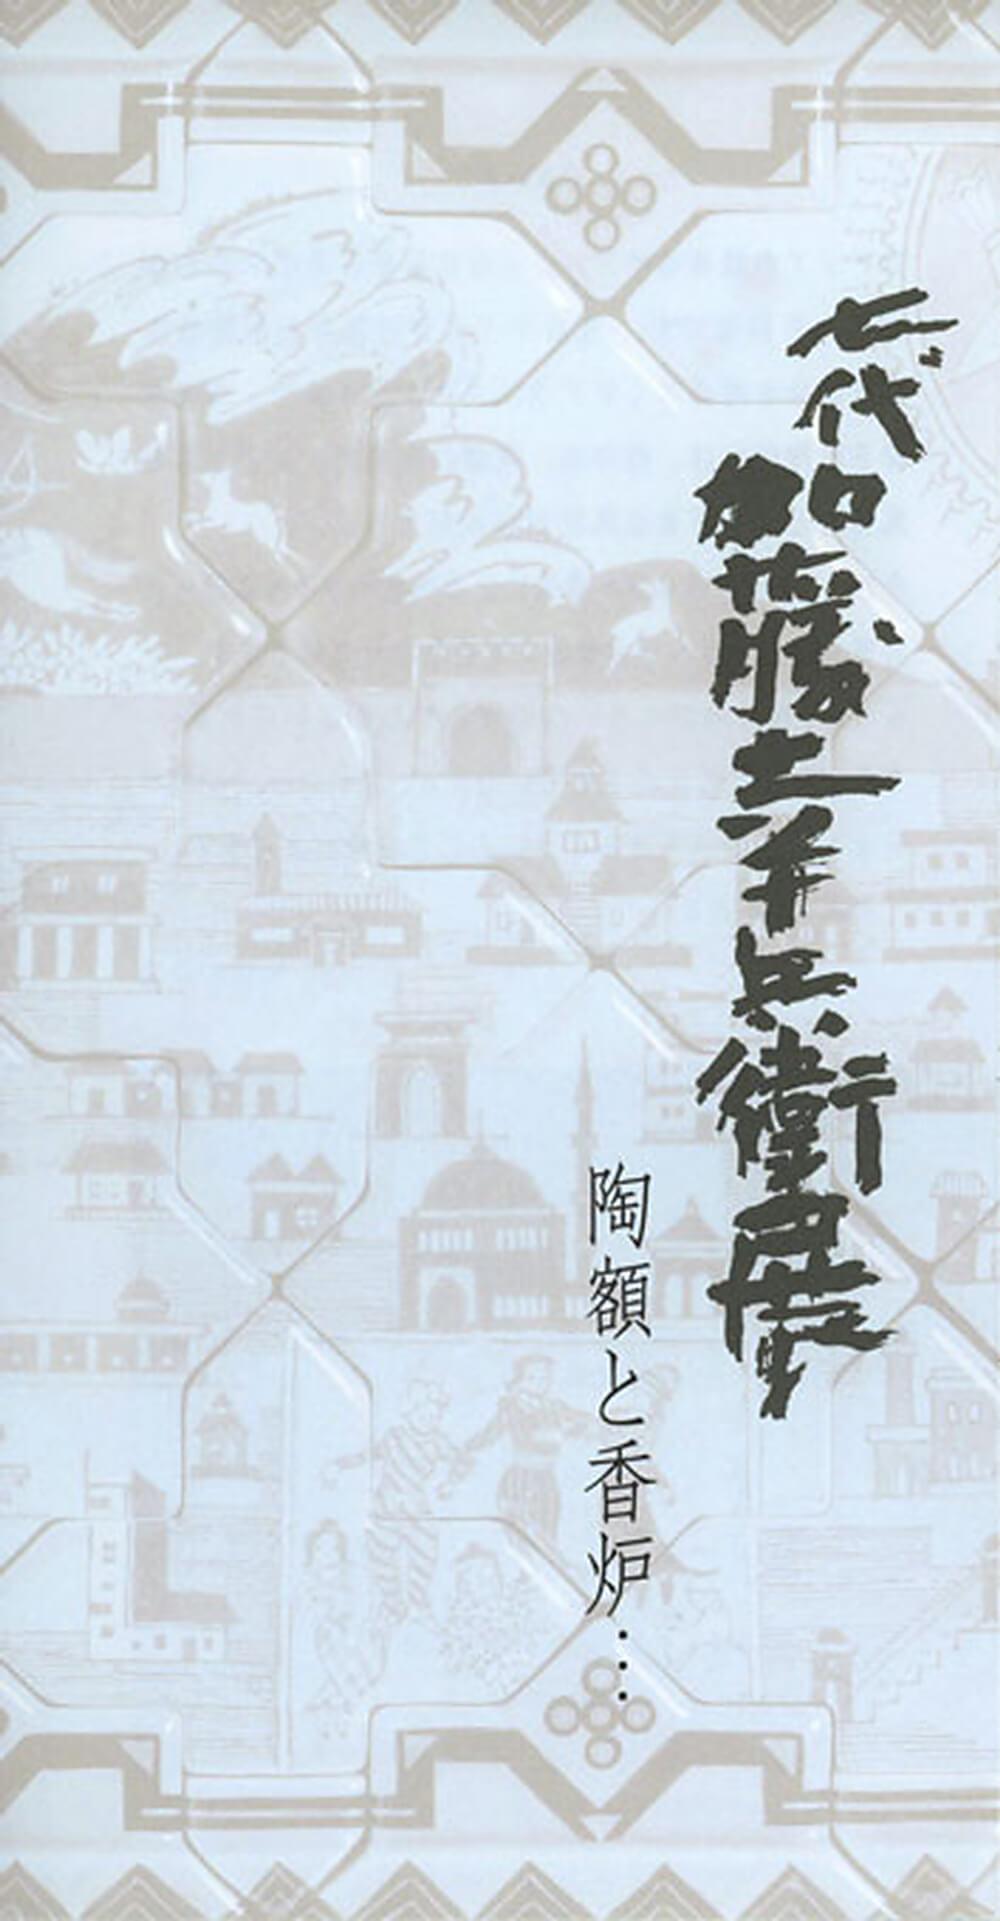 2018年6月23日から開催の「七代 加藤幸兵衛 展 陶額と香炉・・・」のDM